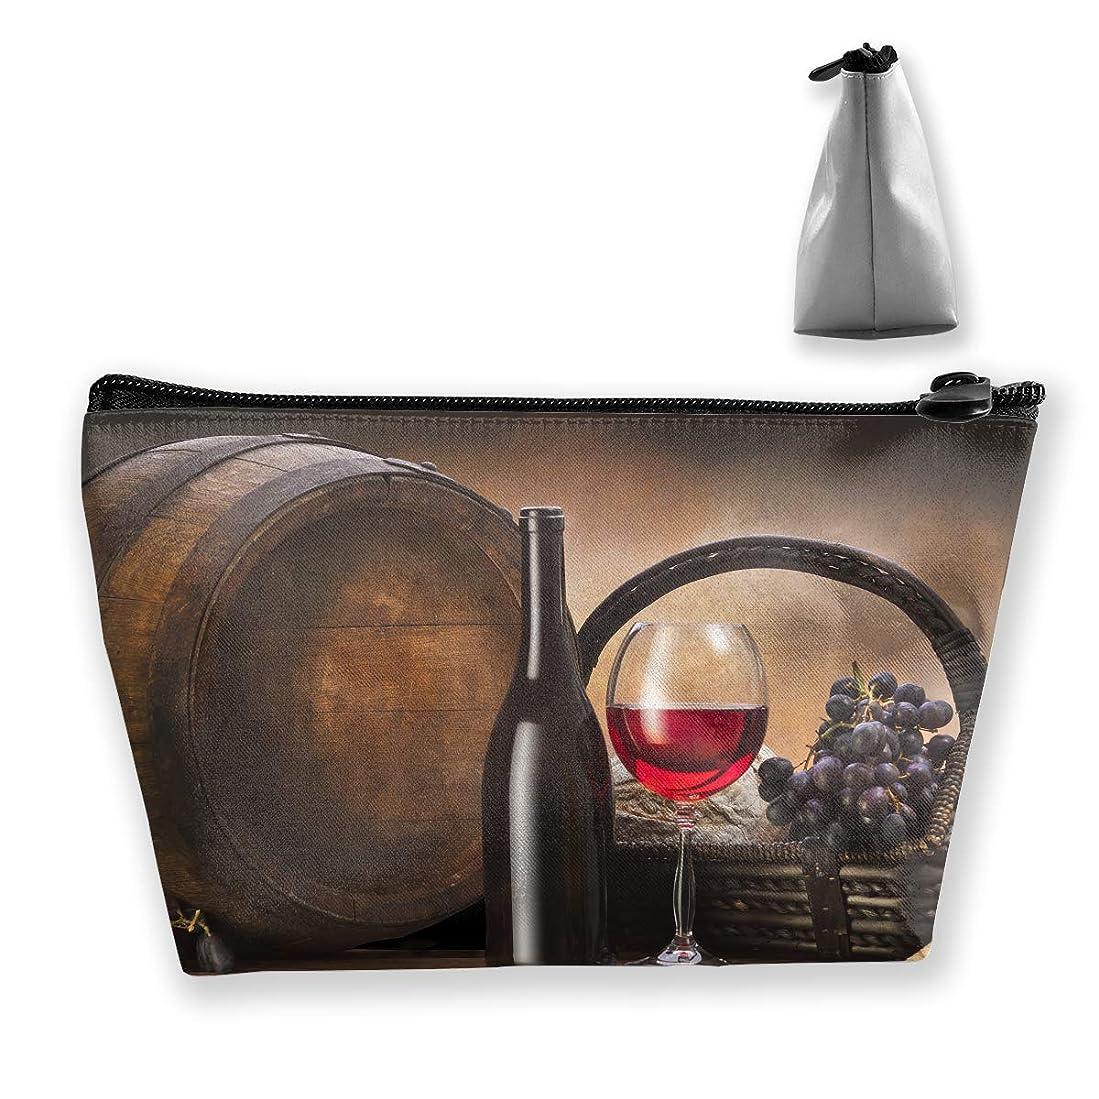 ヘルシーステッチ拡張台形 レディース 化粧ポーチ トラベルポーチ 旅行 ハンドバッグ ワイングラス コスメ メイクポーチ コイン 鍵 小物入れ 化粧品 収納ケース